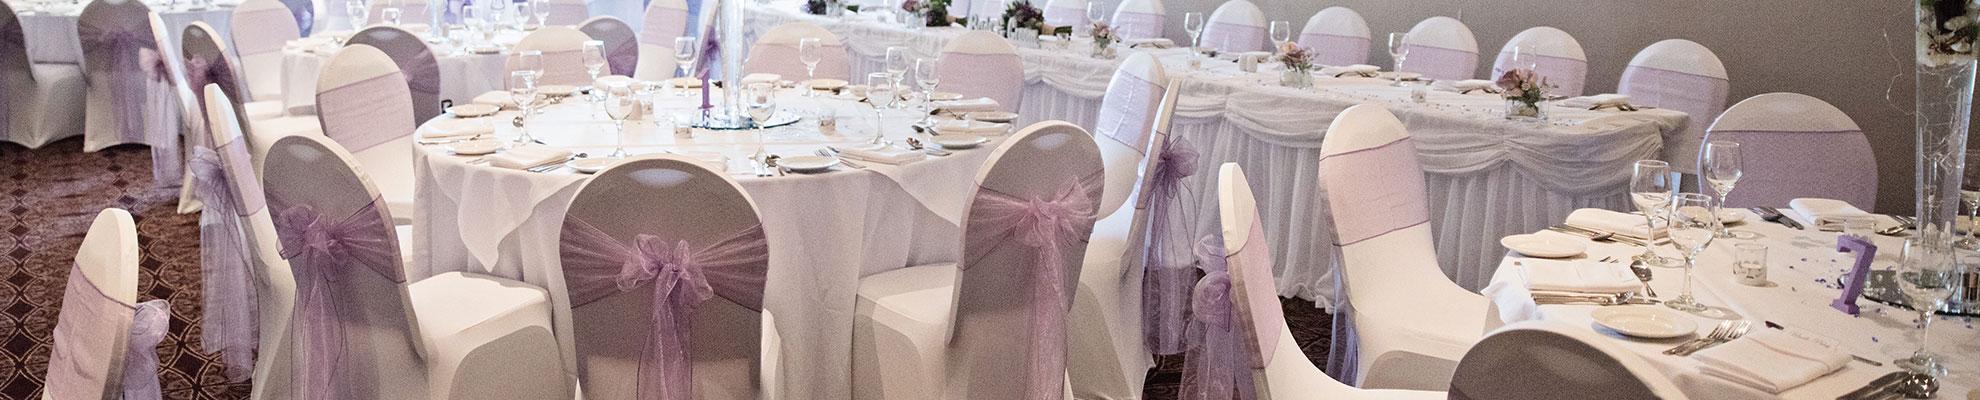 Wedding Venue Kirkcaldy